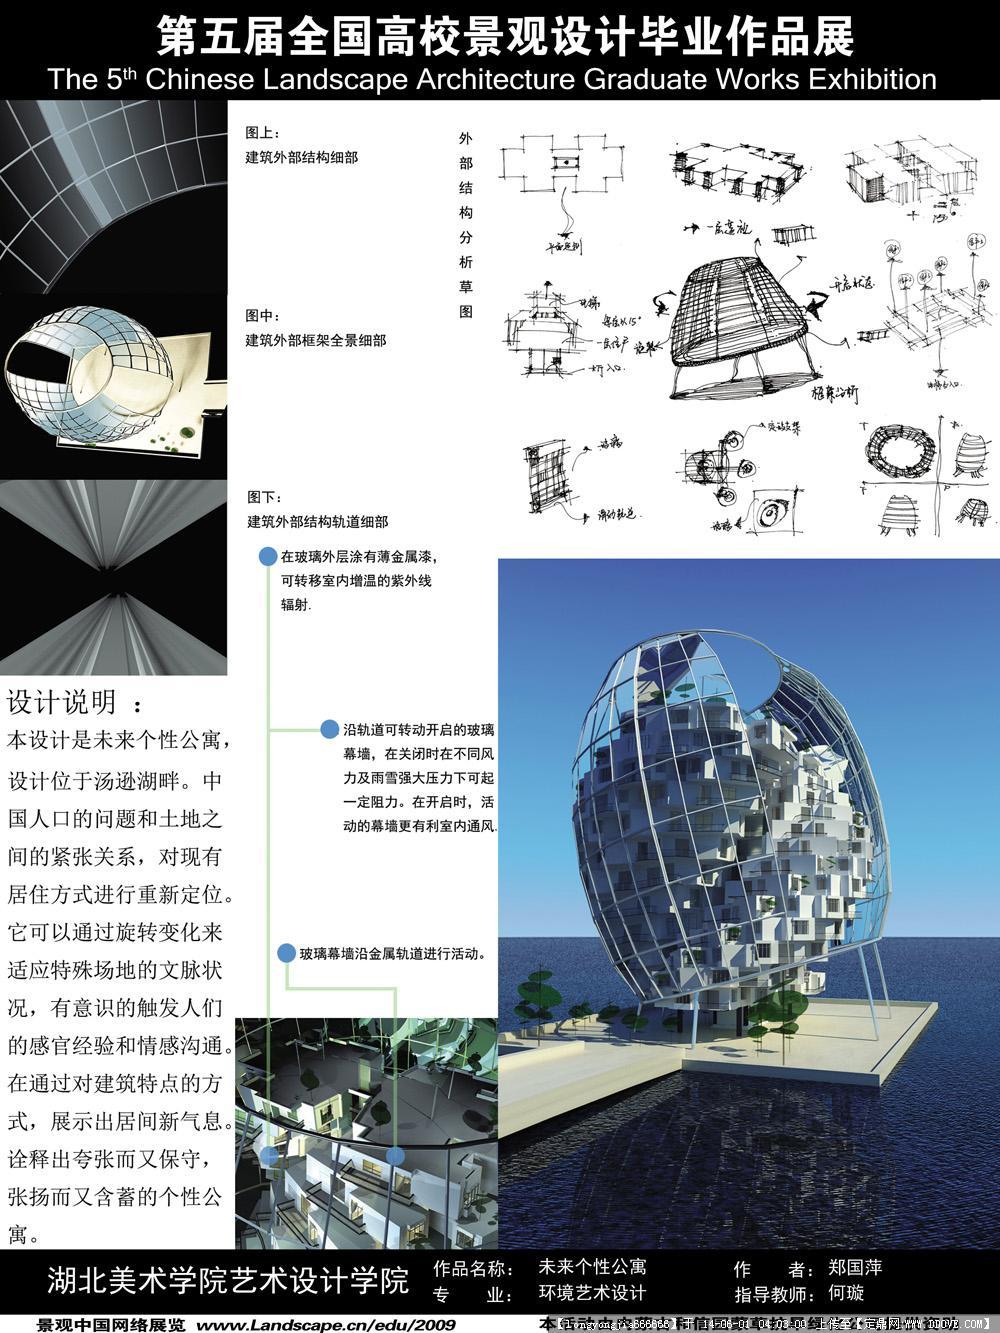 创意毕业设计 027-x200-2.jpg